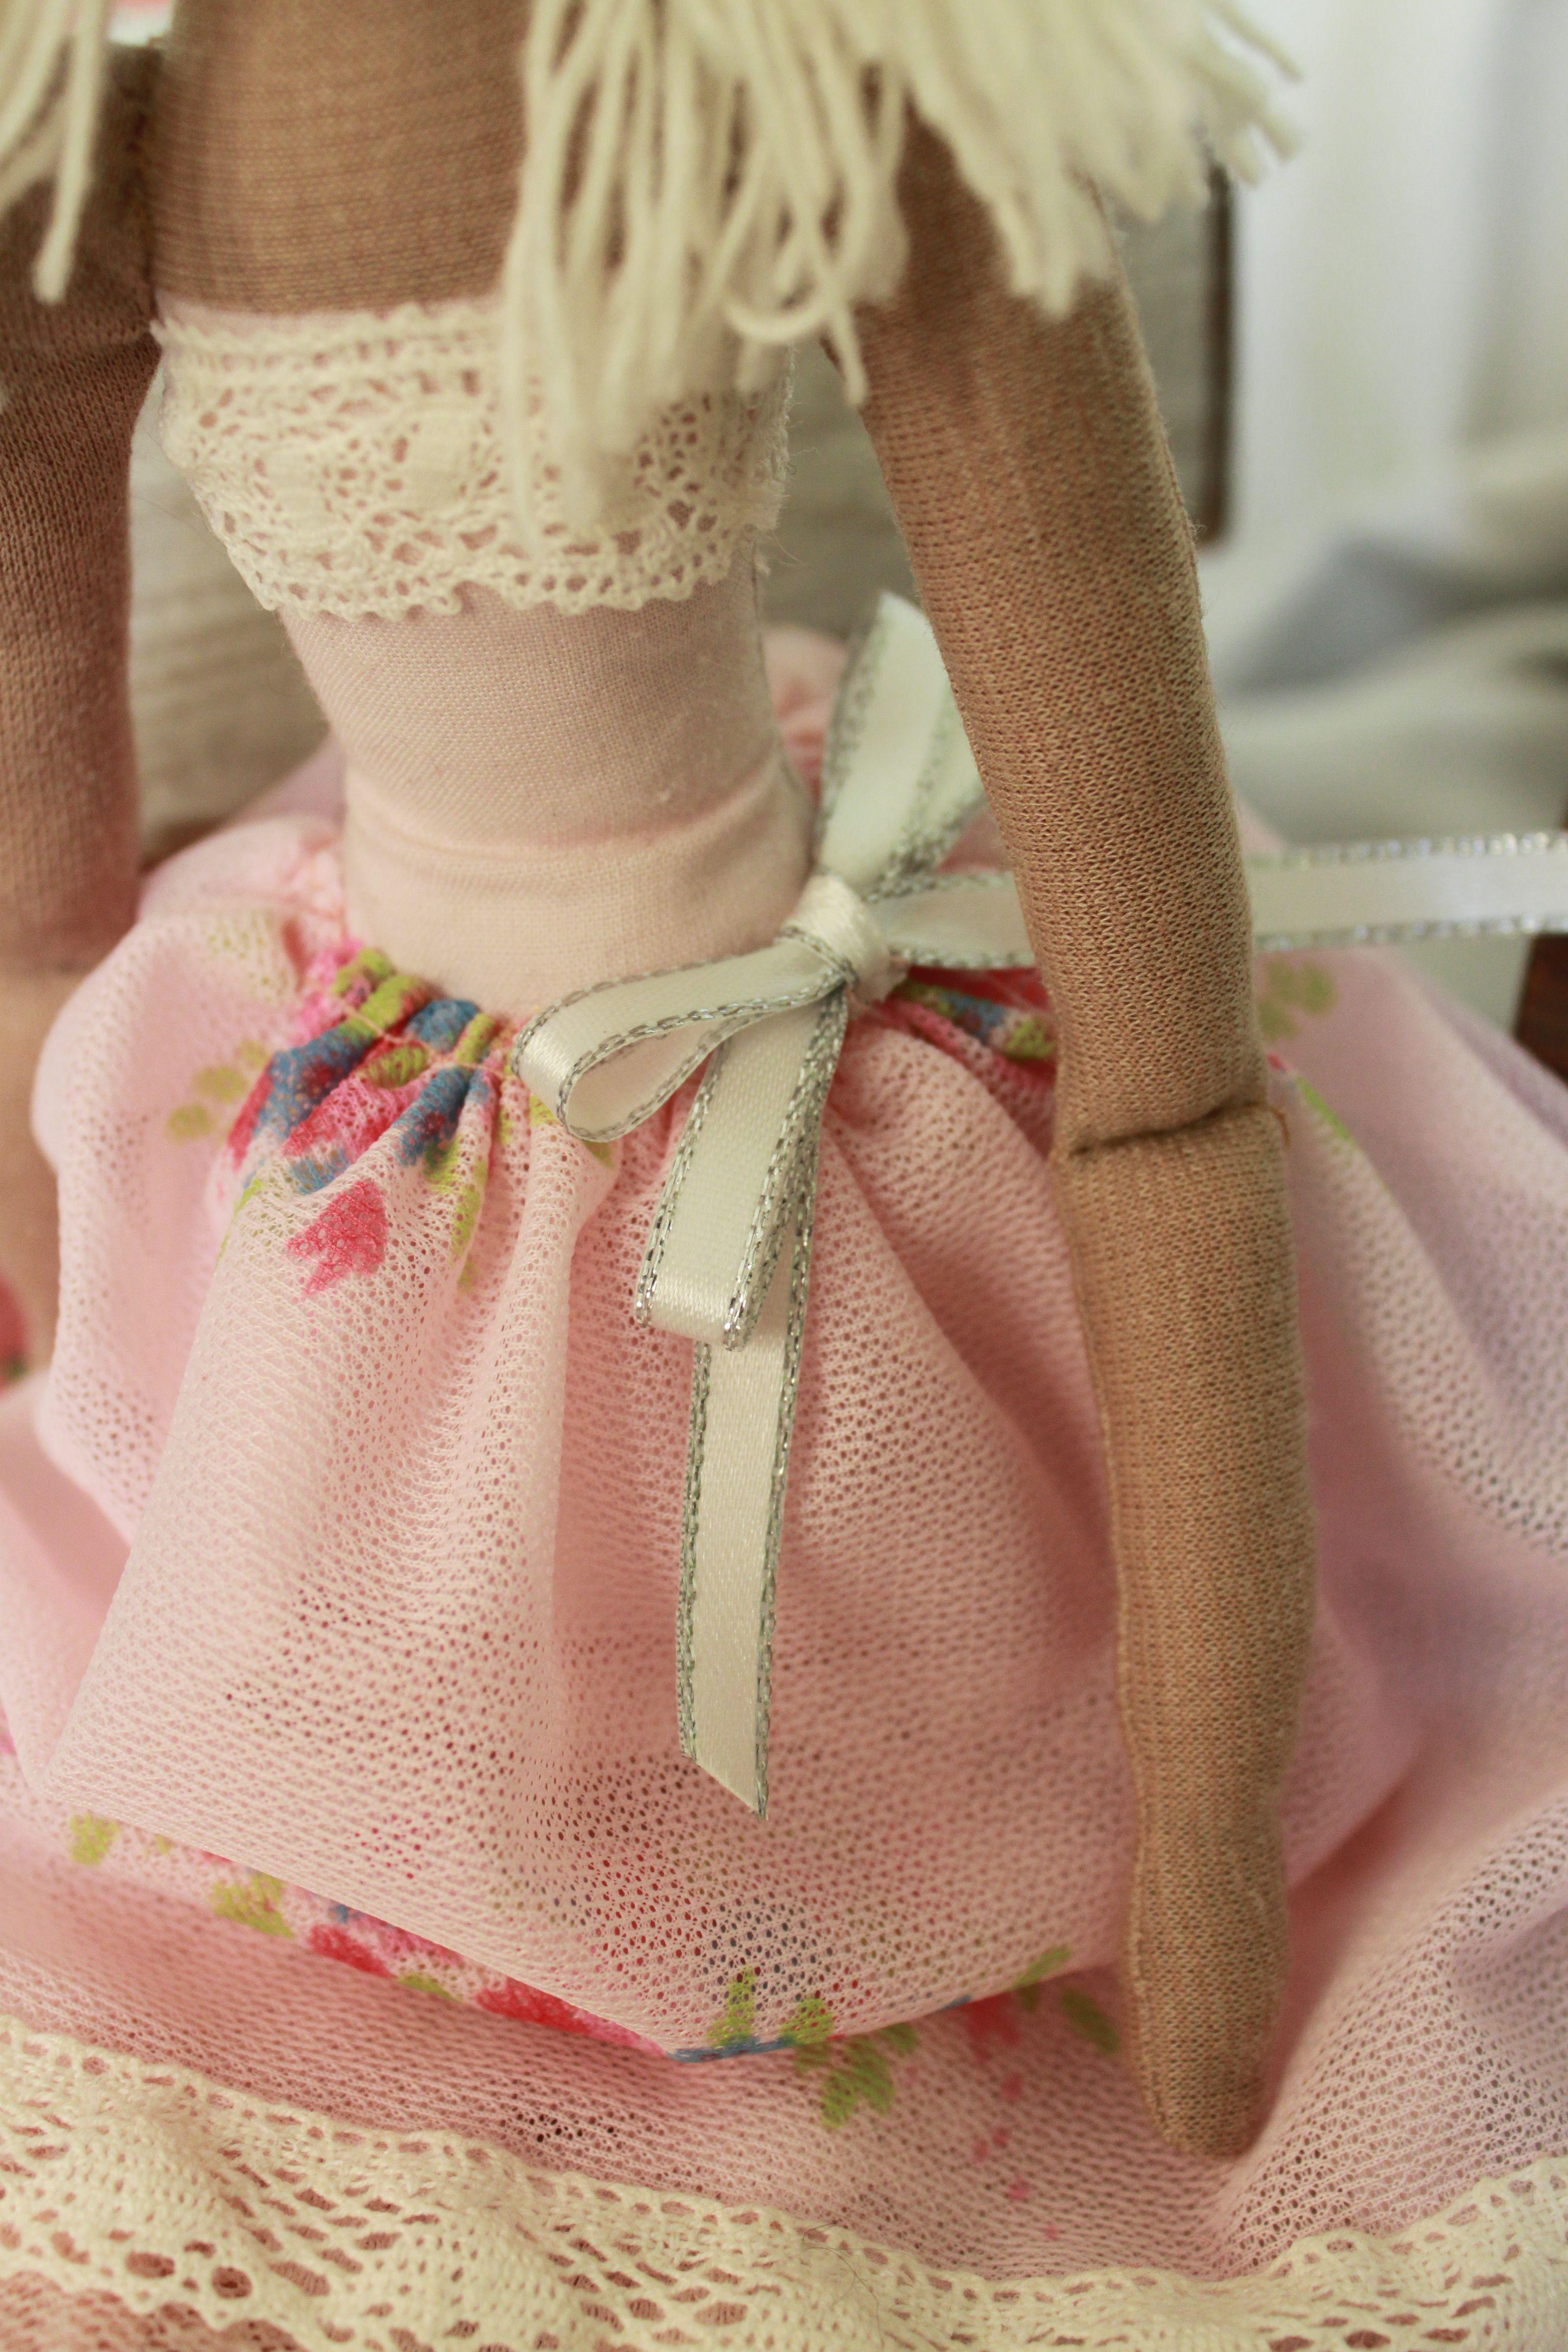 девушка купить работа розовый ручная февраля 14 тильда подарок шеббишик зайка принцесса марта 8